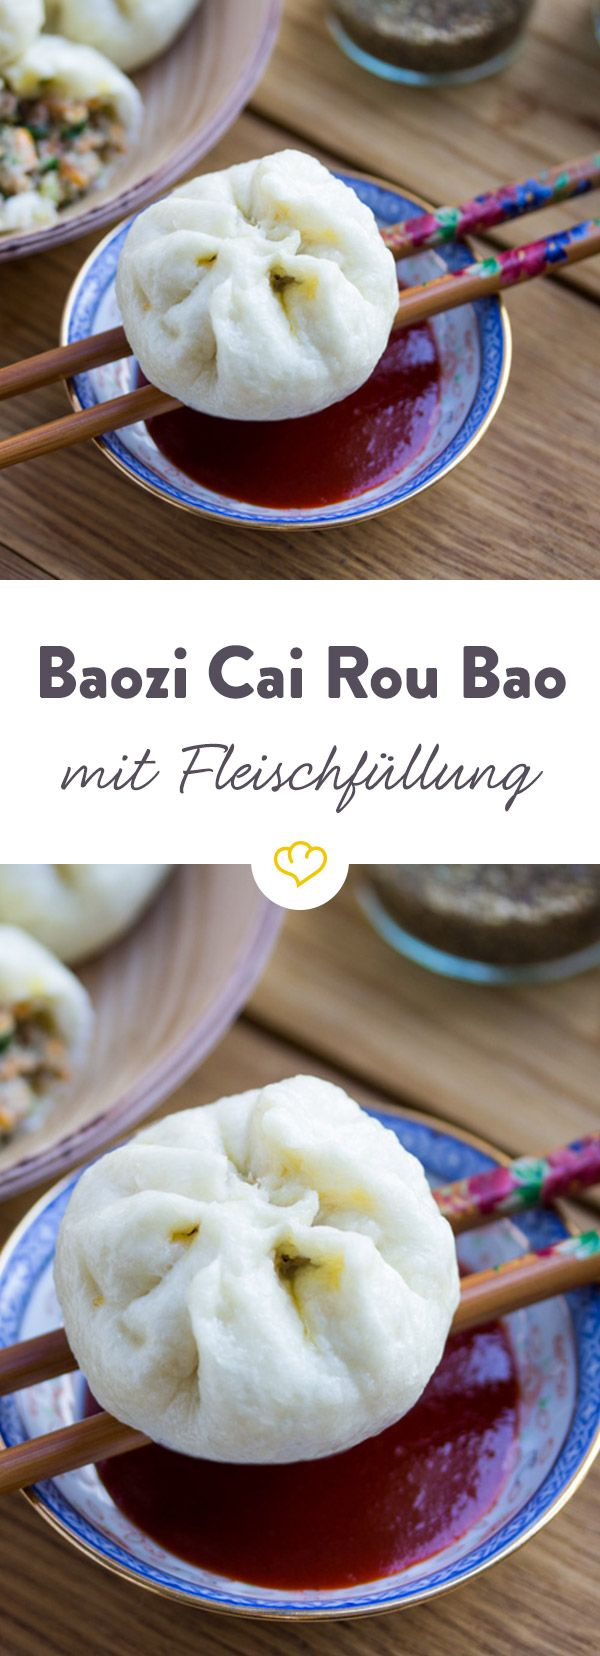 Baozi Cai Rou Bao – Gedämpfte Teigtaschen mit Fleisch-Gemüse-Füllung – Springlane